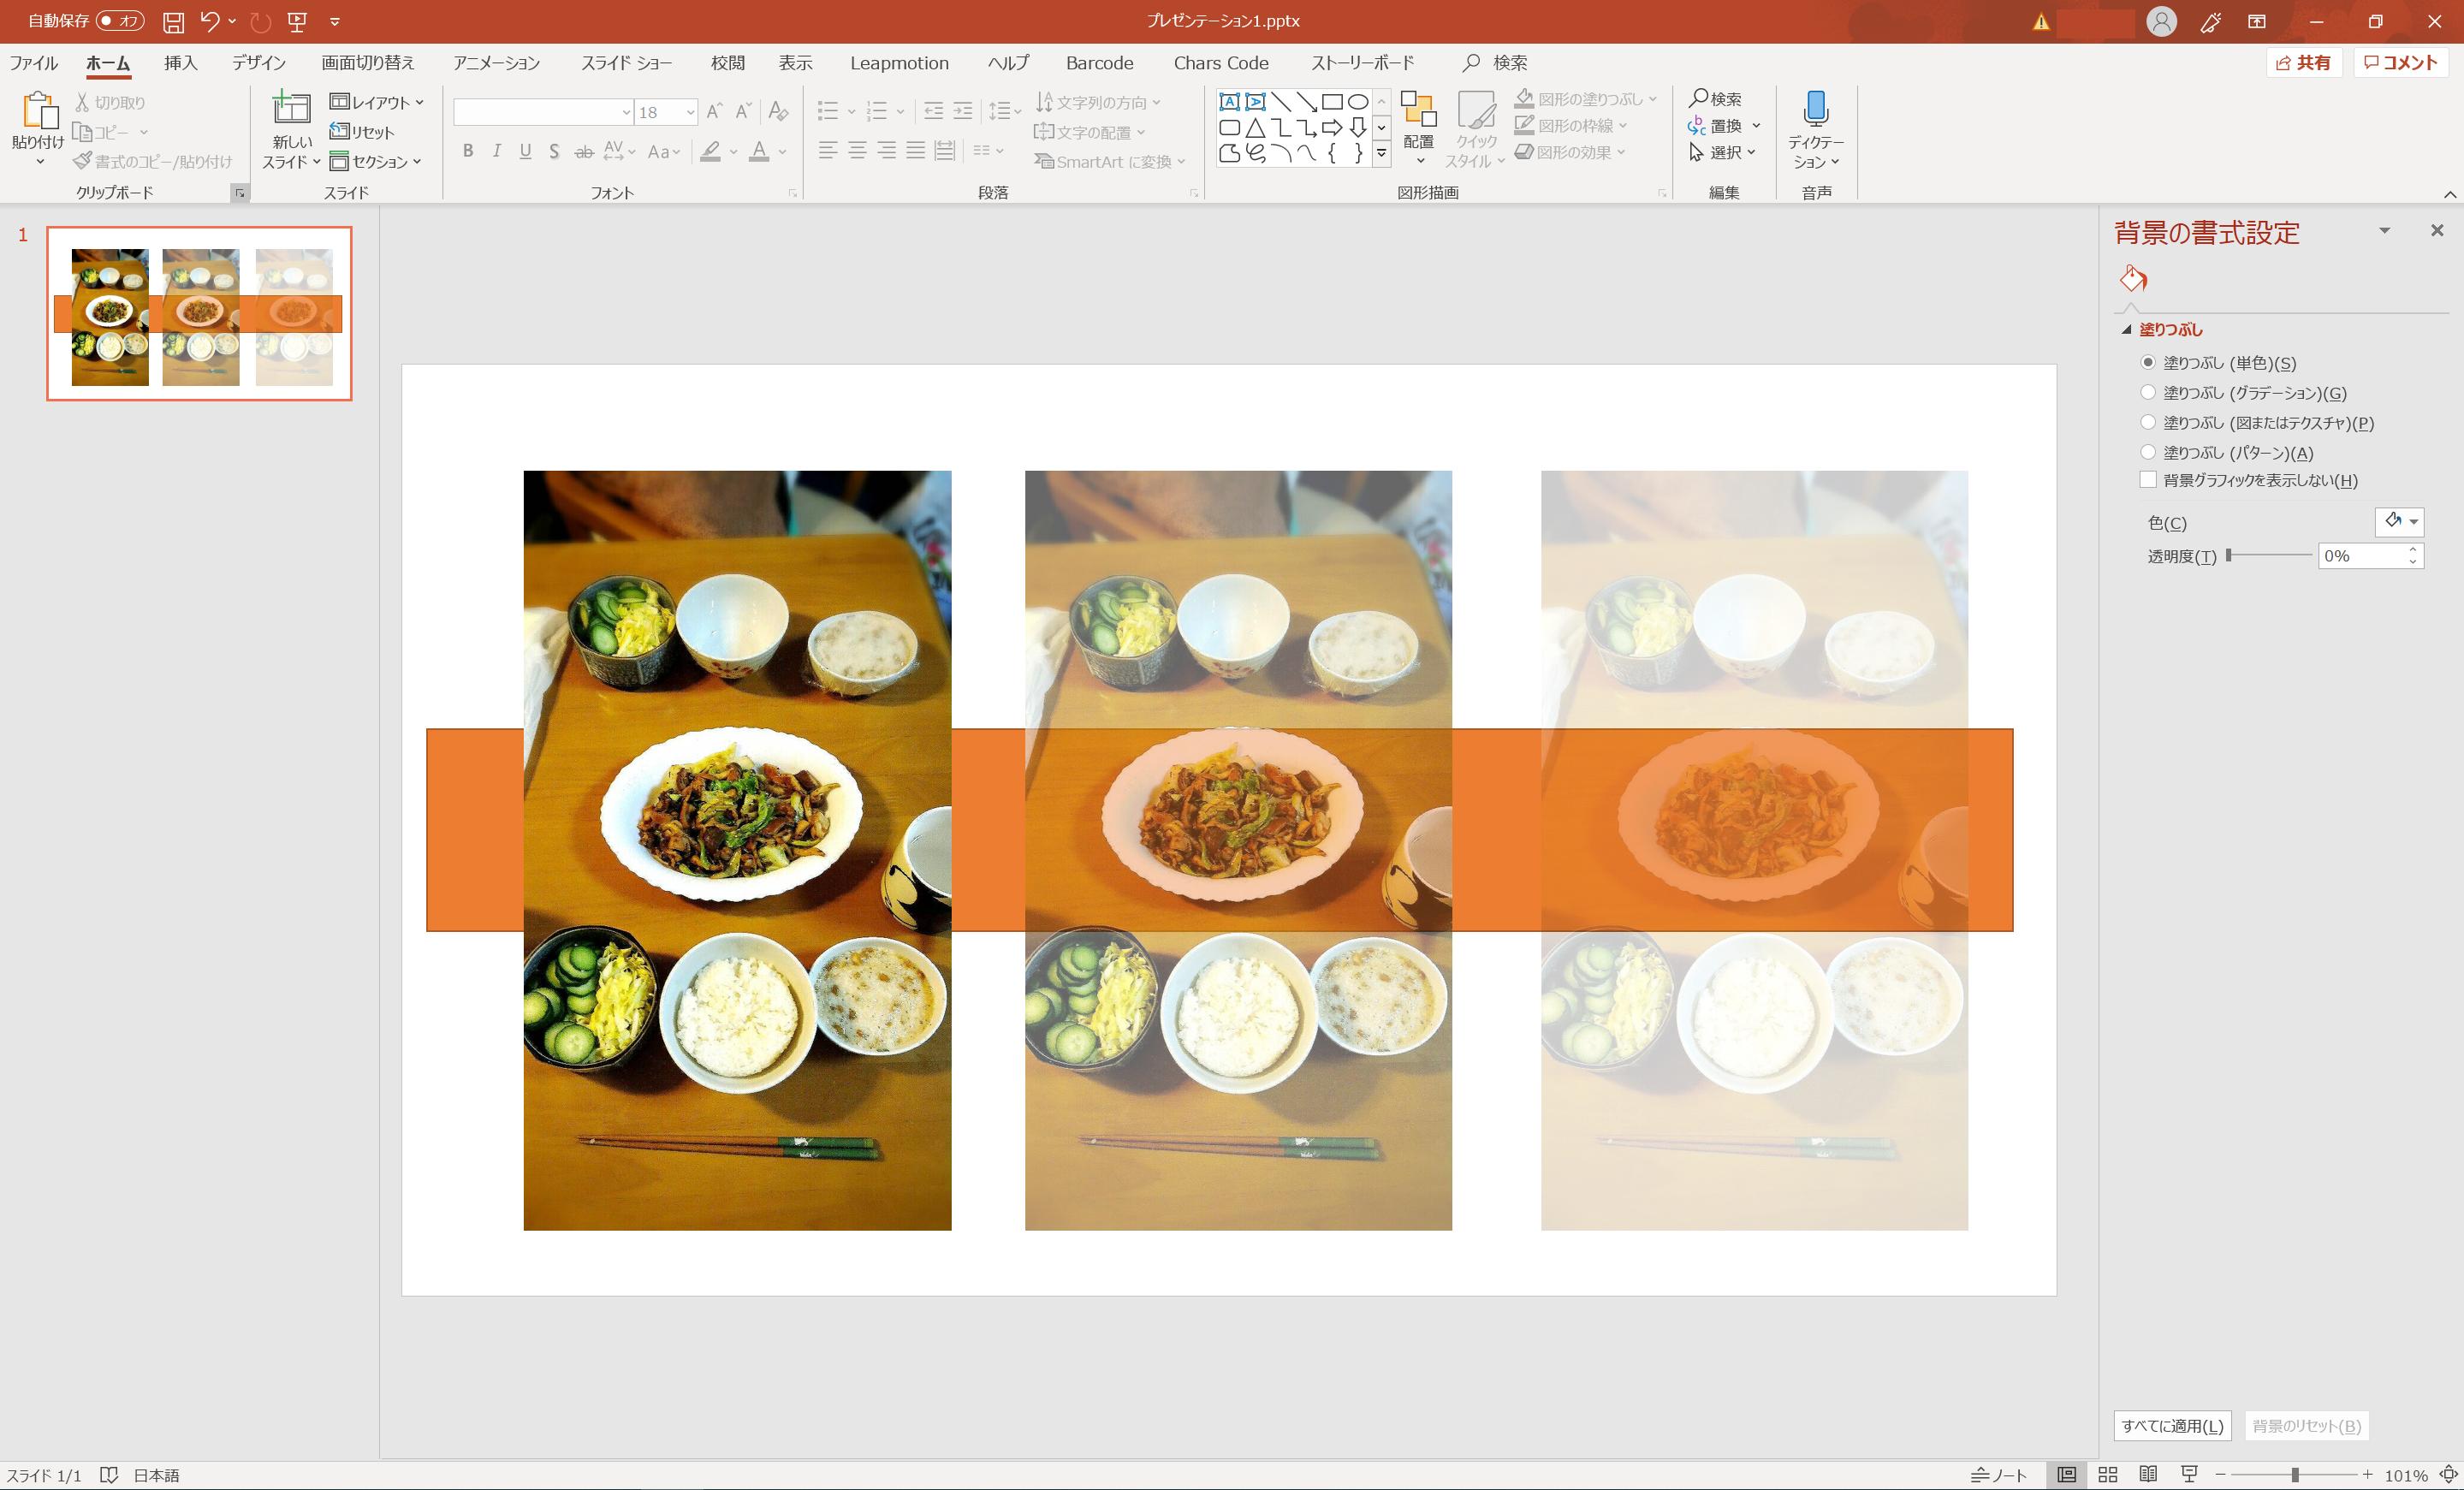 パワーポイント 写真や画像を一発で半透明にする機能が大変便利